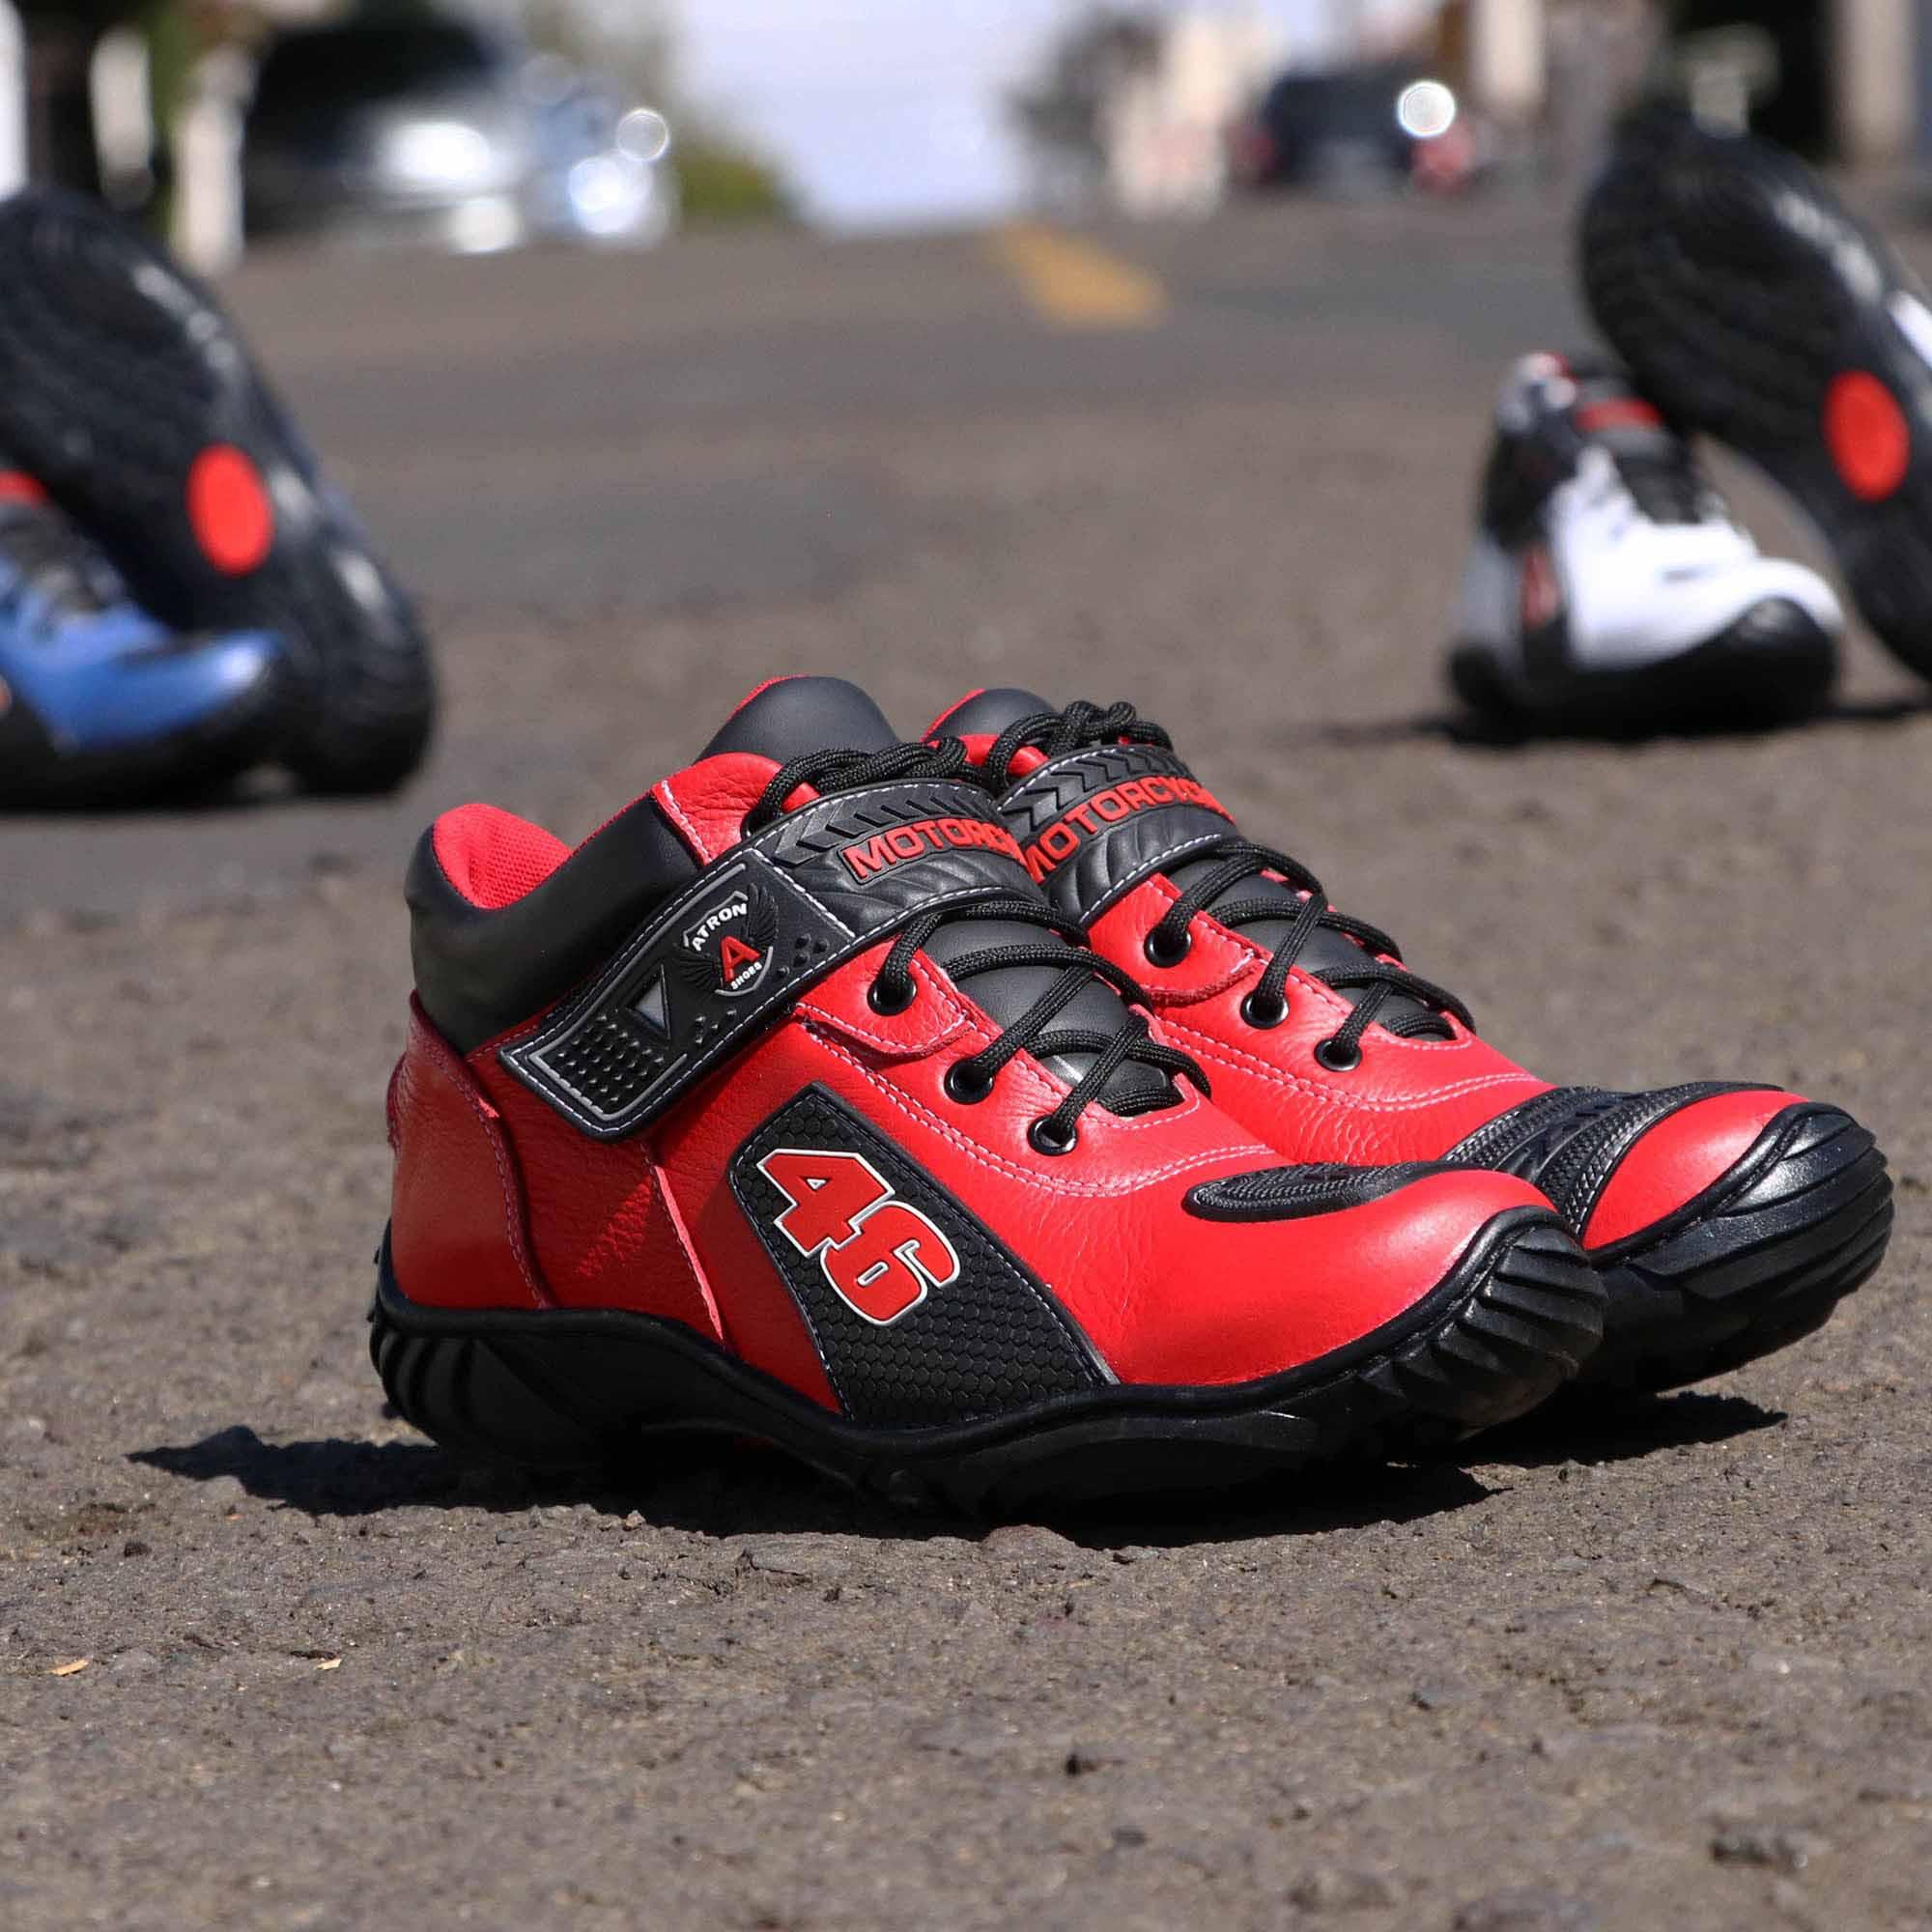 Bota motociclista Valentino Rossi vermelha 46